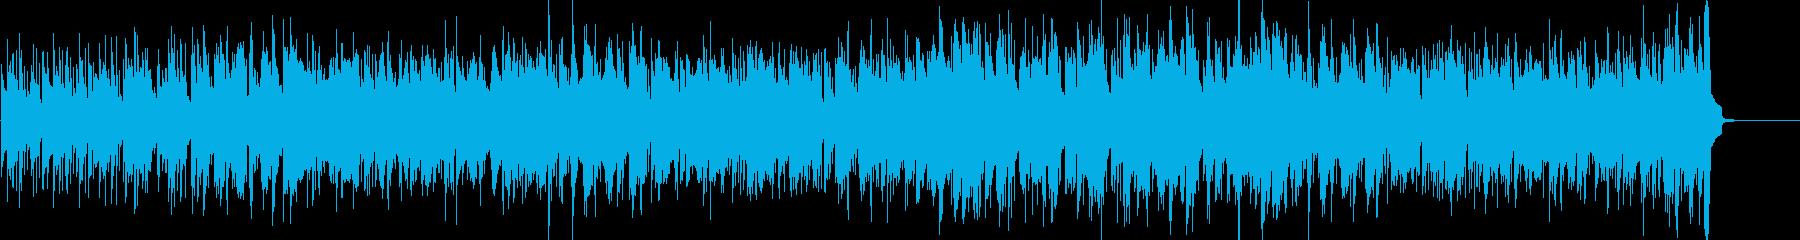 ハロウィンの楽しさをサルサで表現しましたの再生済みの波形